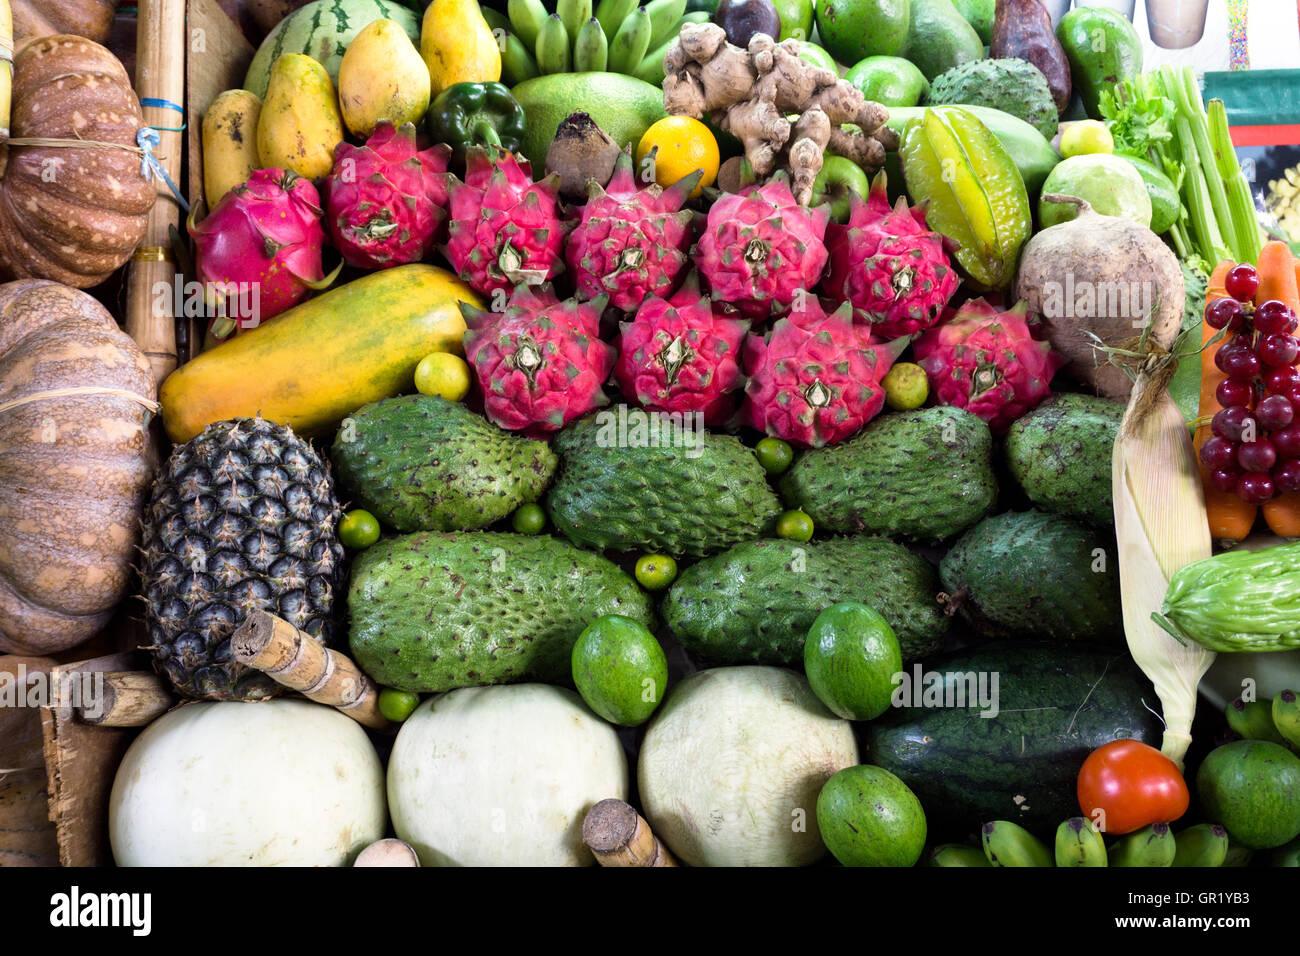 Organic Food Market In Malaysia